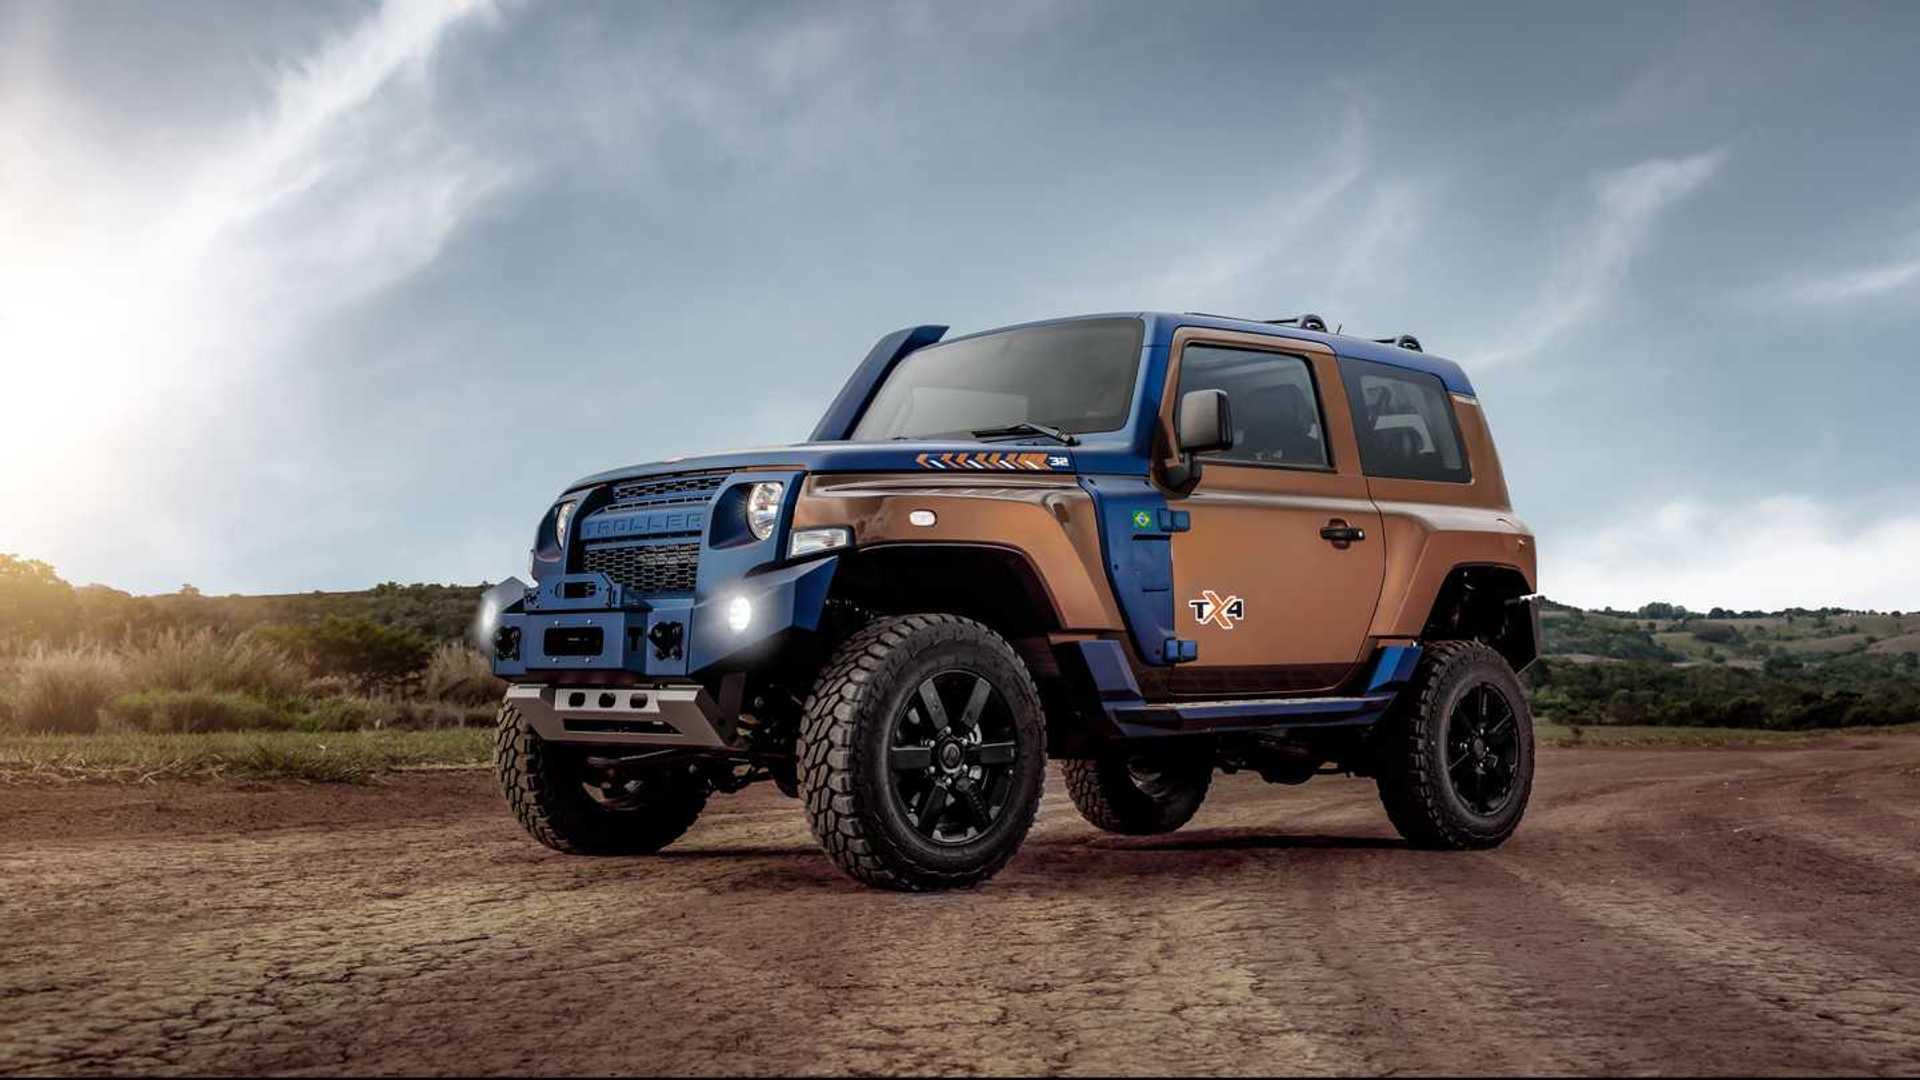 El Ford Troller, mitad Bronco, mitad Jeep Wrangler, dejará de existir